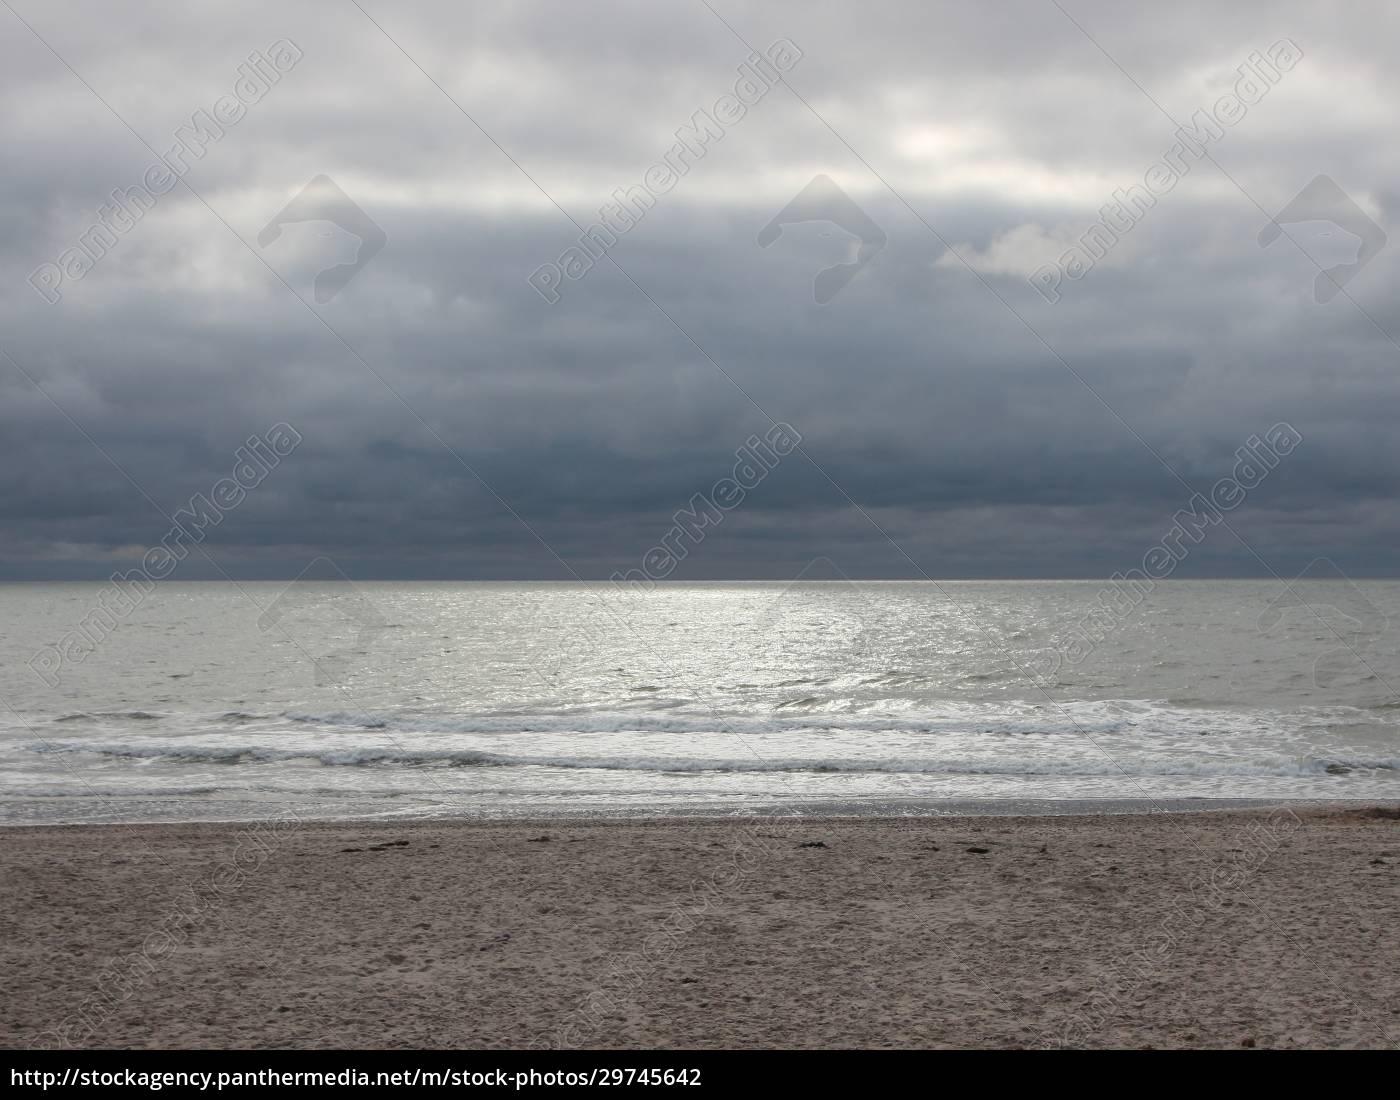 ozean, mit, silberner, oberfläche, und, dunklen - 29745642